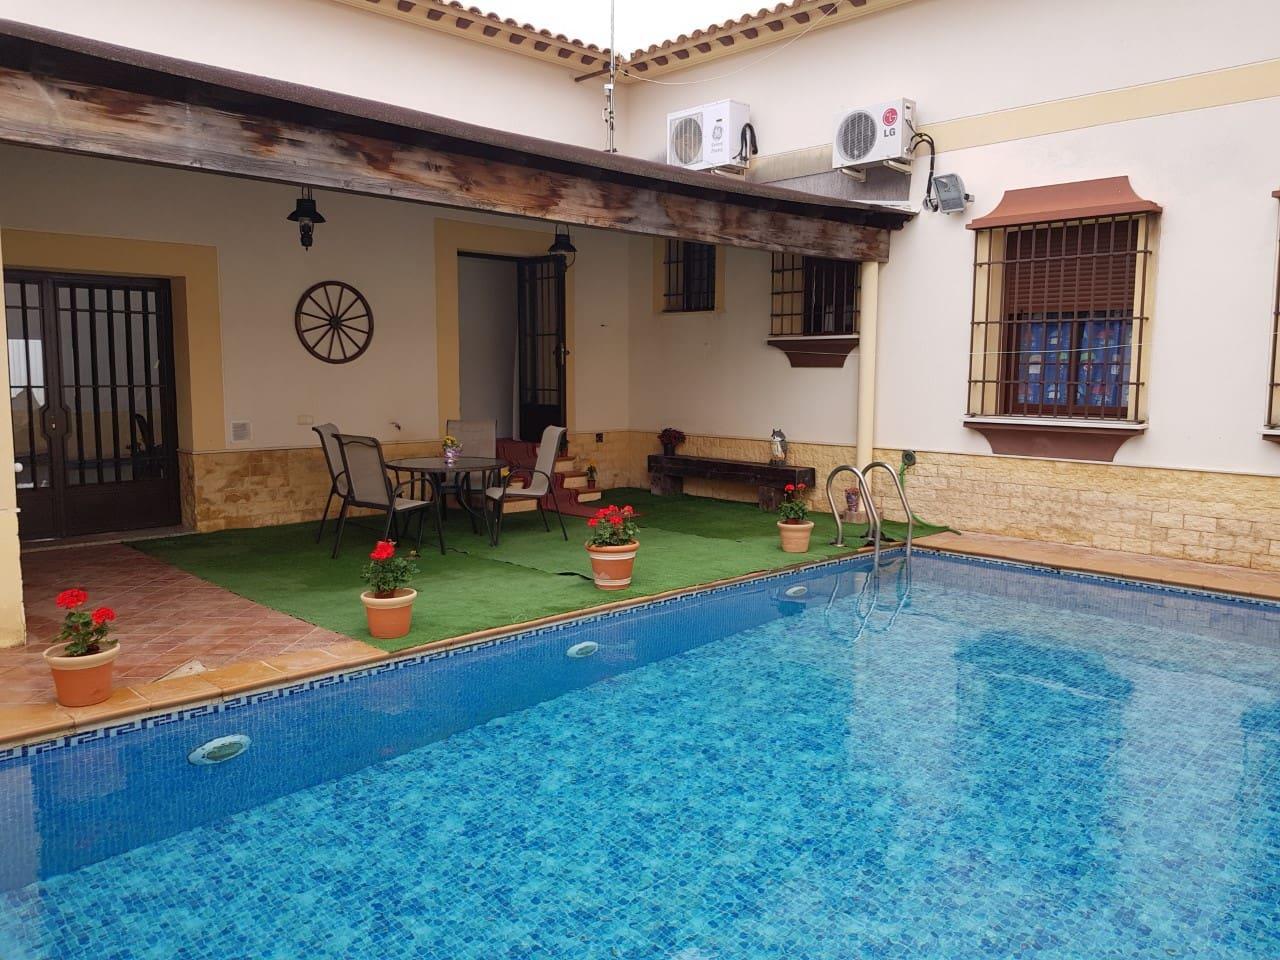 Habitación de matrimonio con baño privado, patio y piscina.